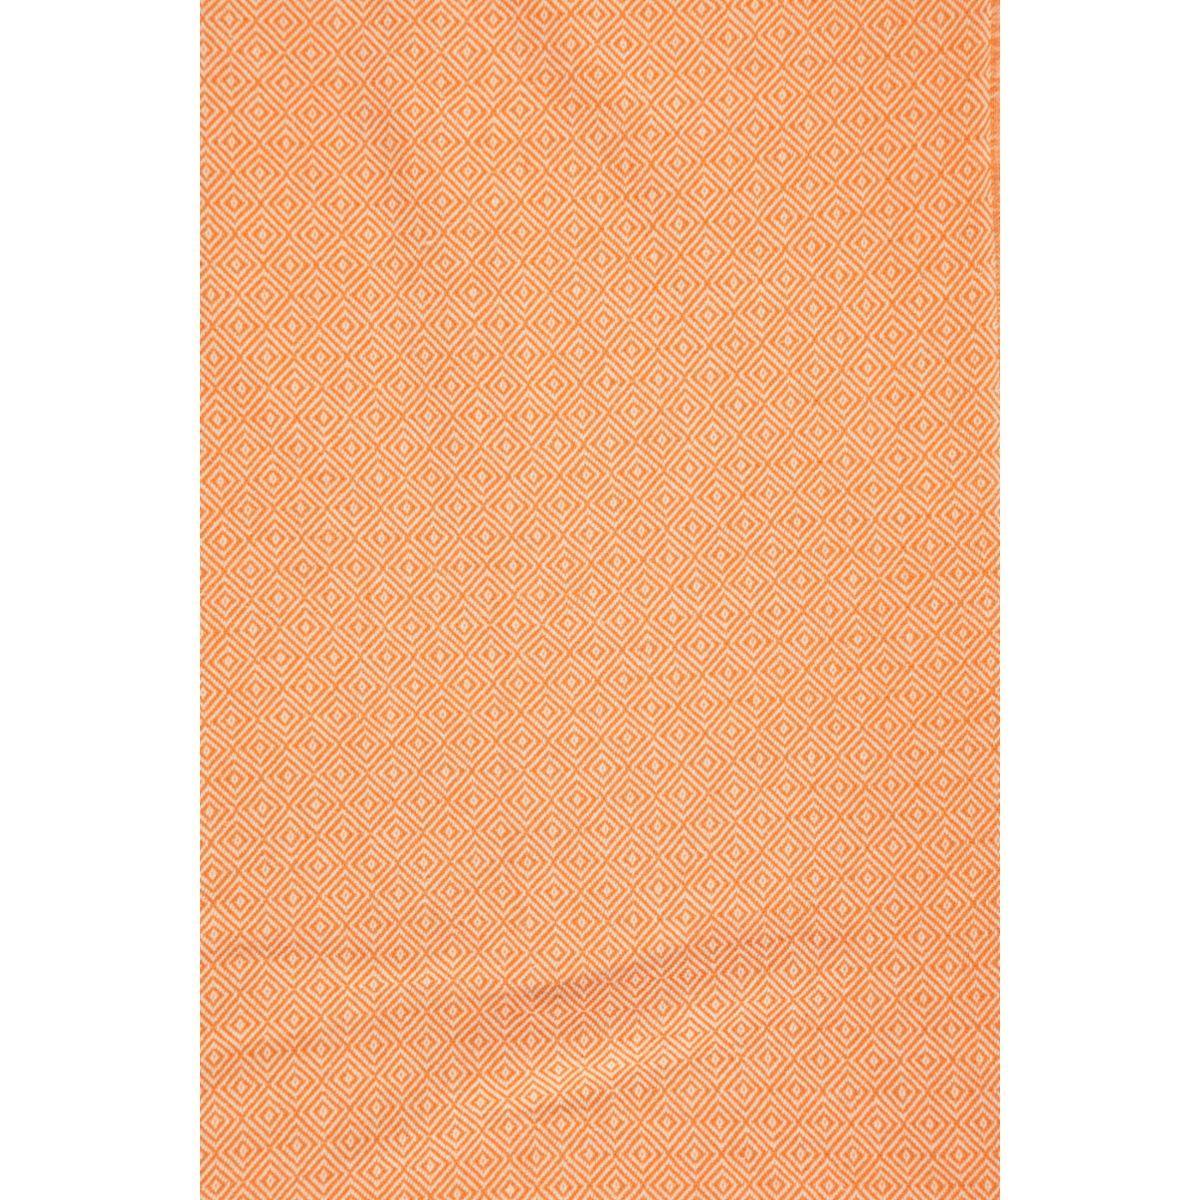 Peshkir Diamond - Orange